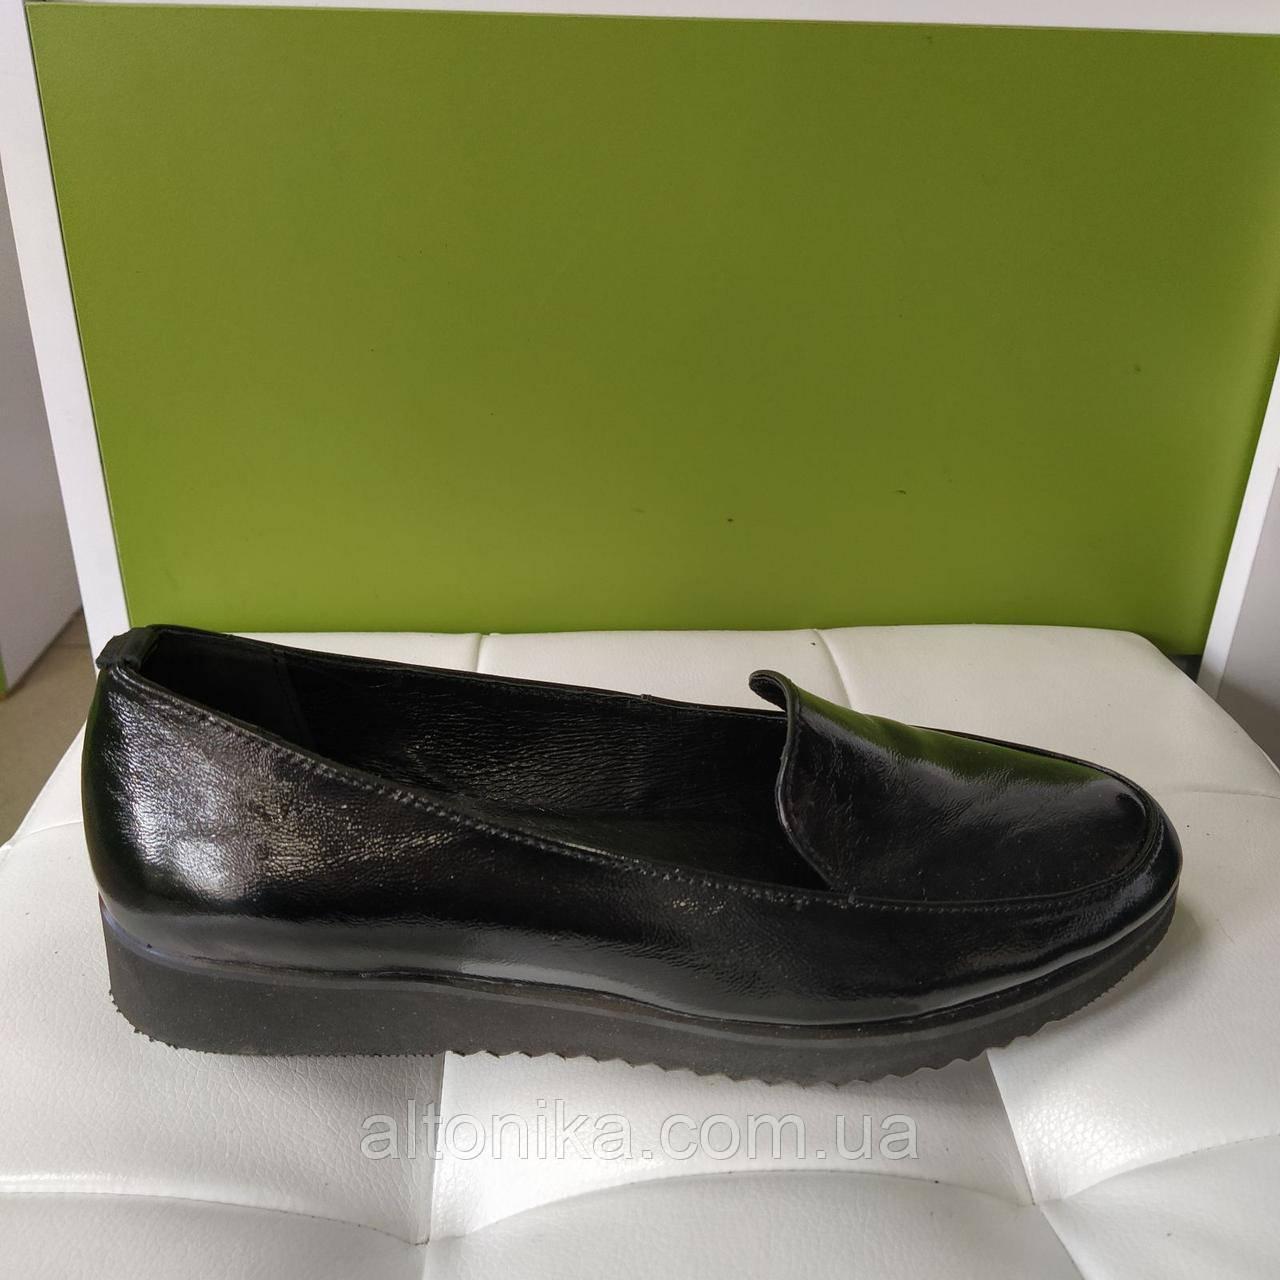 STTOPA 39р! Размеры 36-44! Туфли лоферы больших размеров из натуральной кожи. С6-6-3644-3